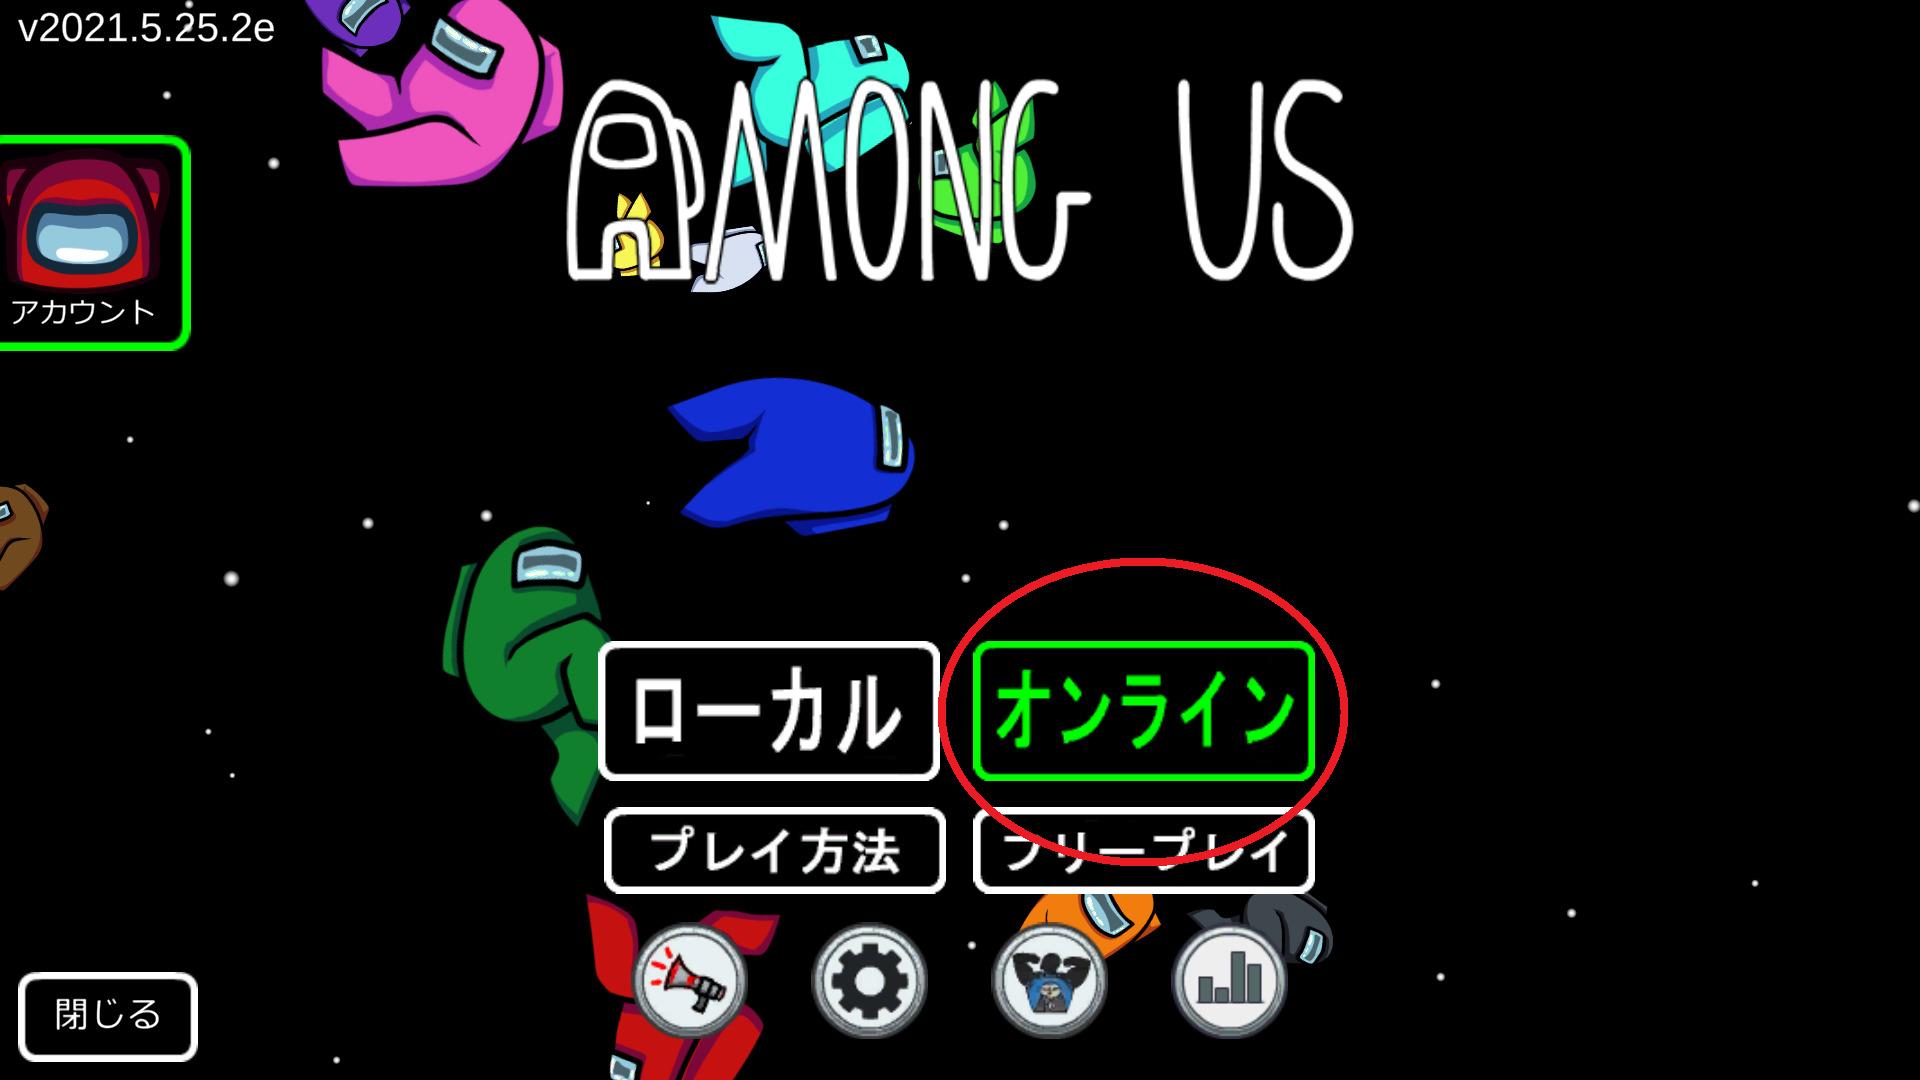 【Among Us】クロスプレイができない時の対処法【アモングアス】